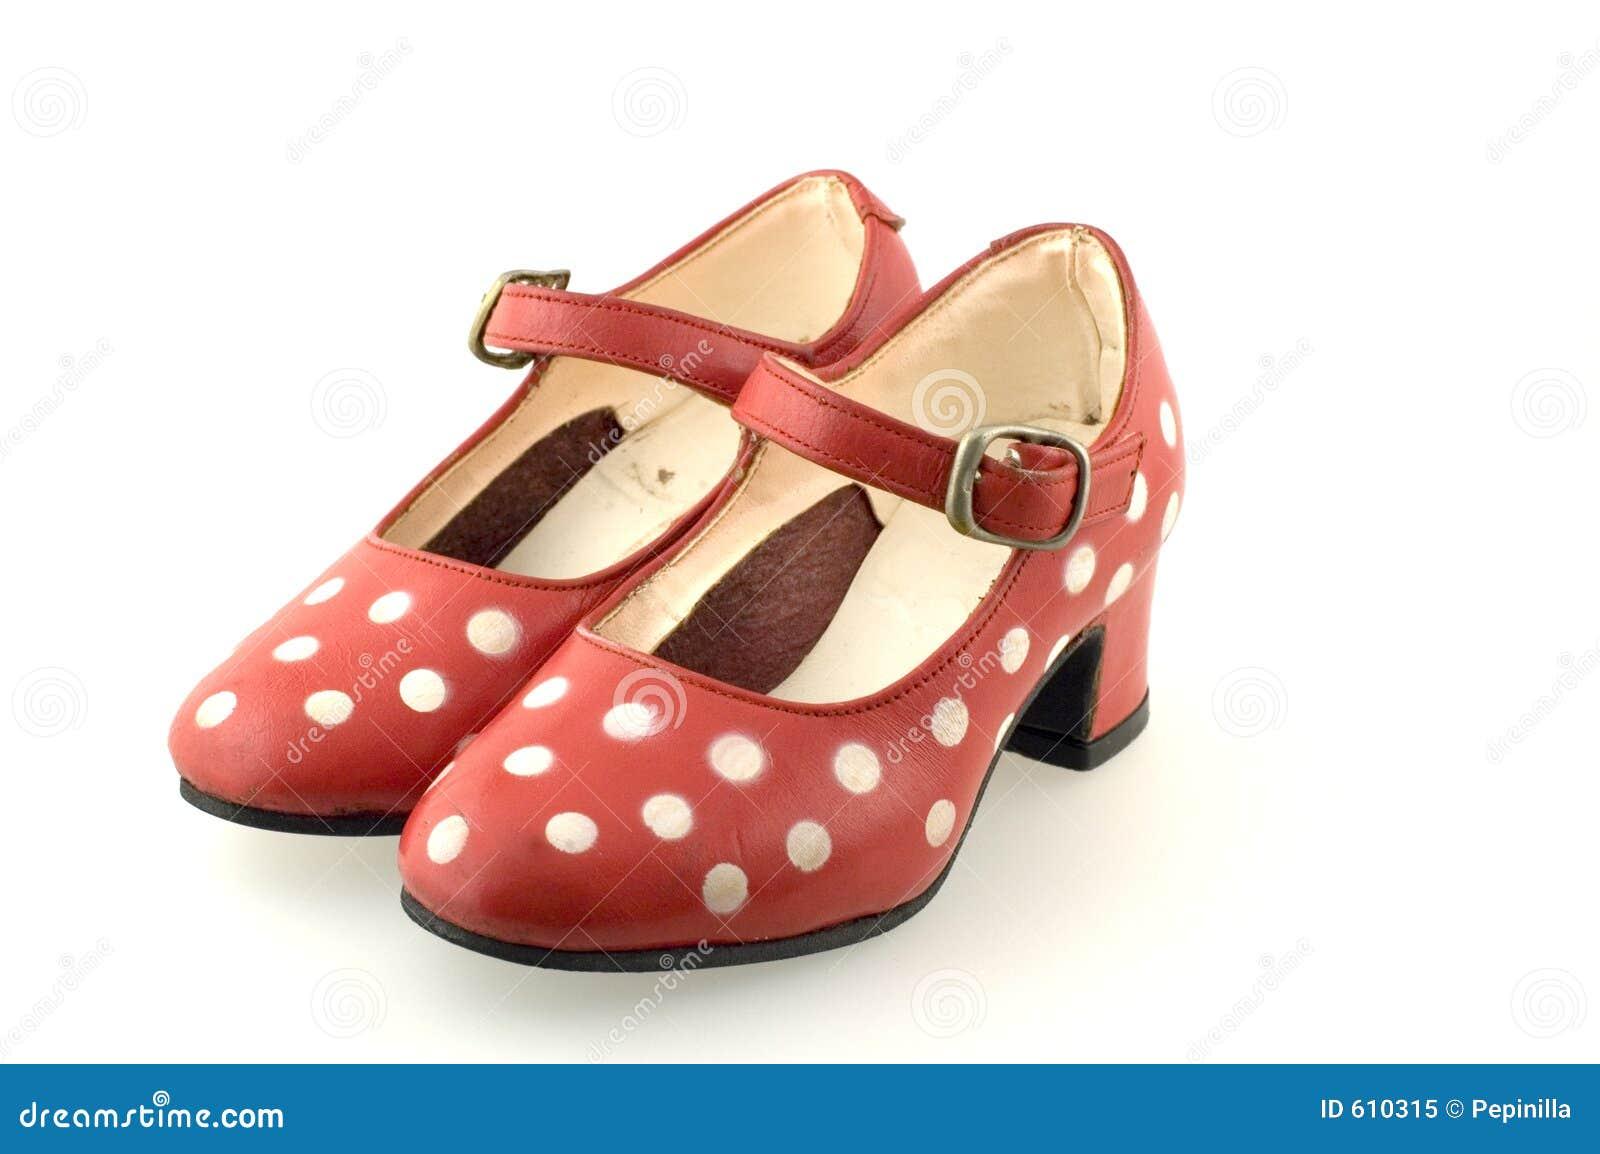 exklusive Schuhe heiß-verkaufender Fachmann Entdecken Sie die neuesten Trends Rote Schuhe Für Ein Mädchen Stockbild - Bild von polka ...